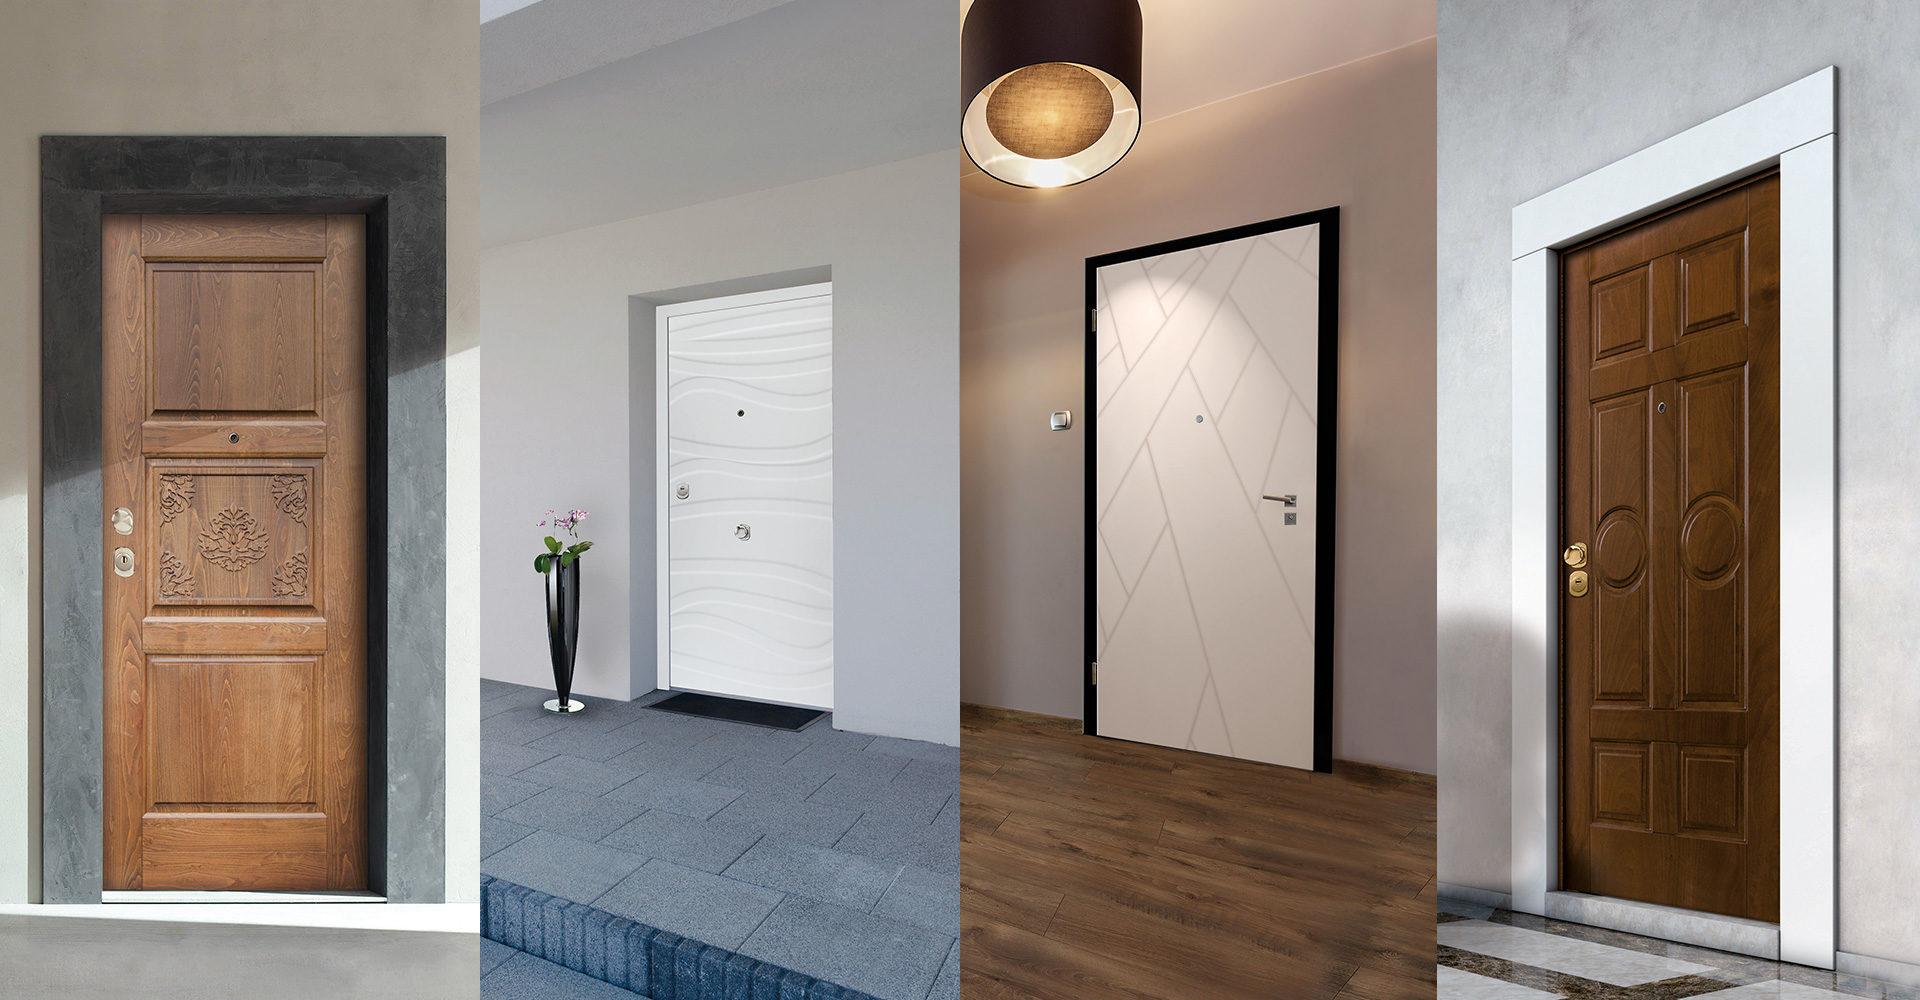 ico - Oggi è un giorno perfetto per aprire una nuova porta